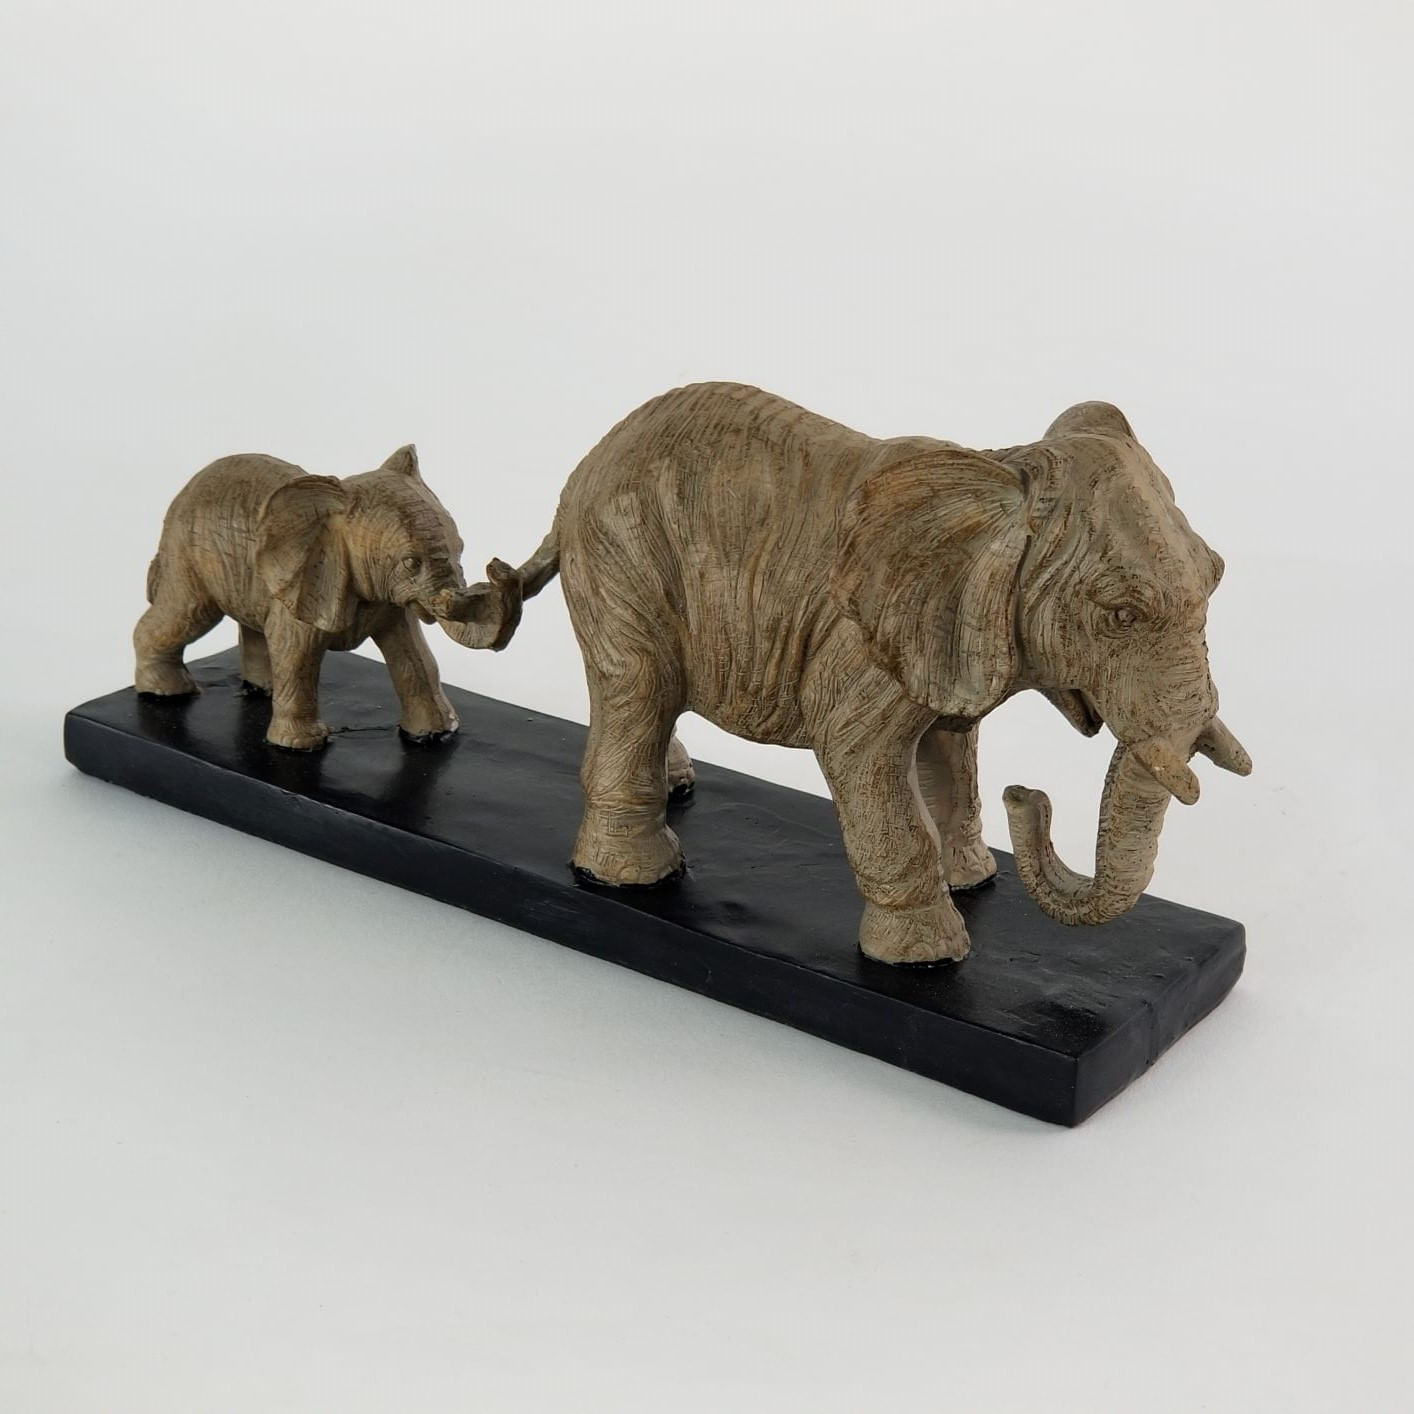 Elefante Decorativo de Resina Escultura Mãe e Bebê Seguindo